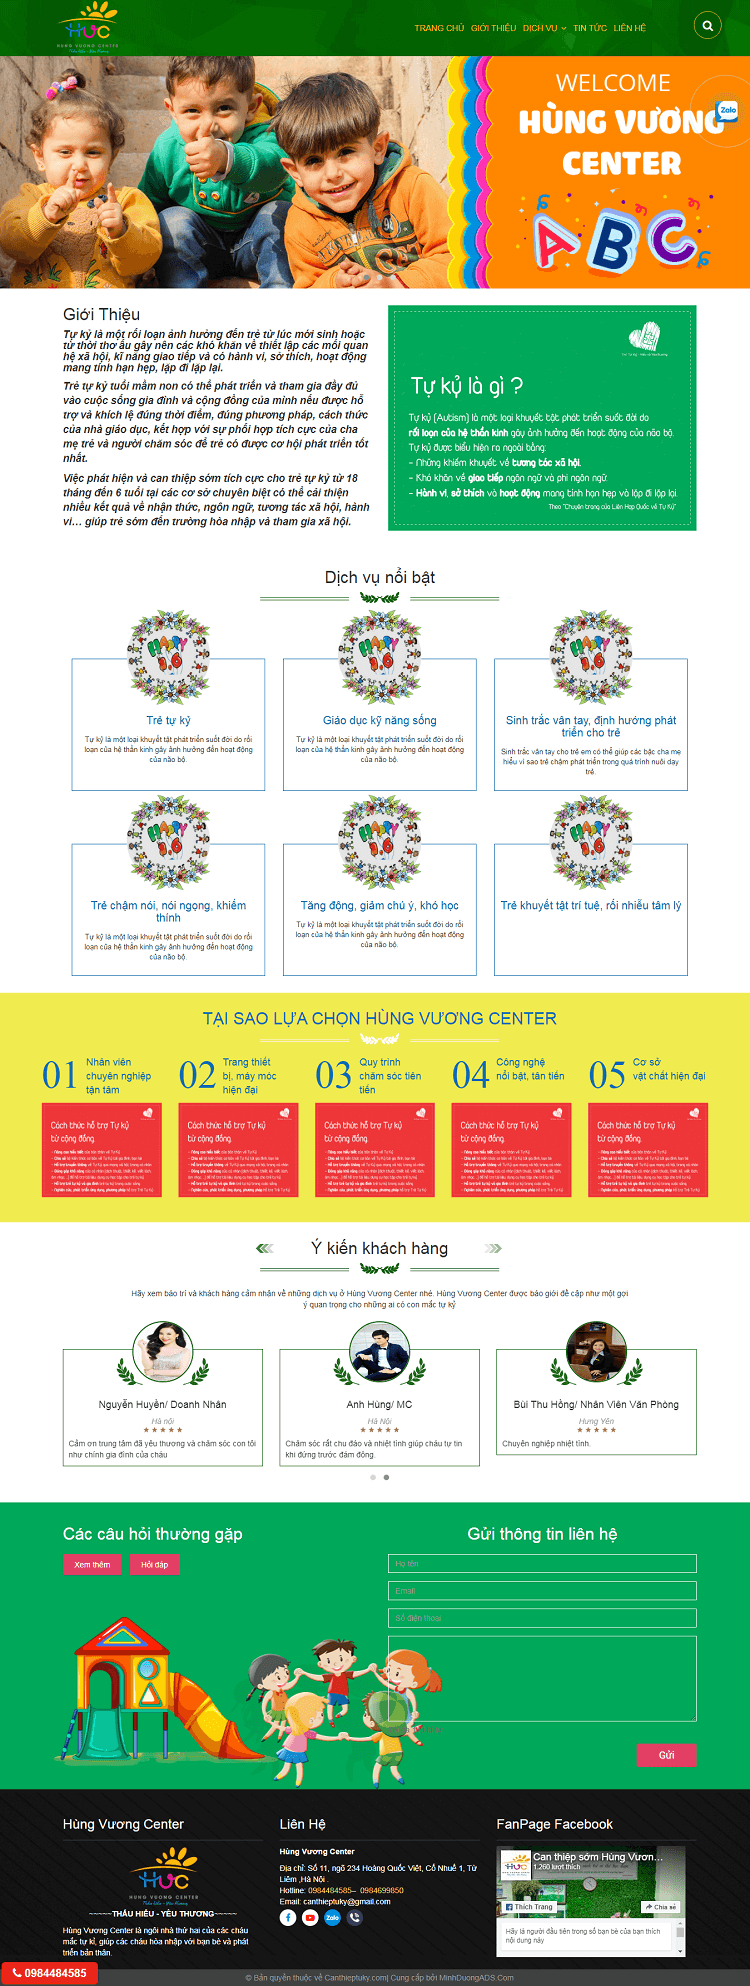 Web giáo dục Hùng Vương